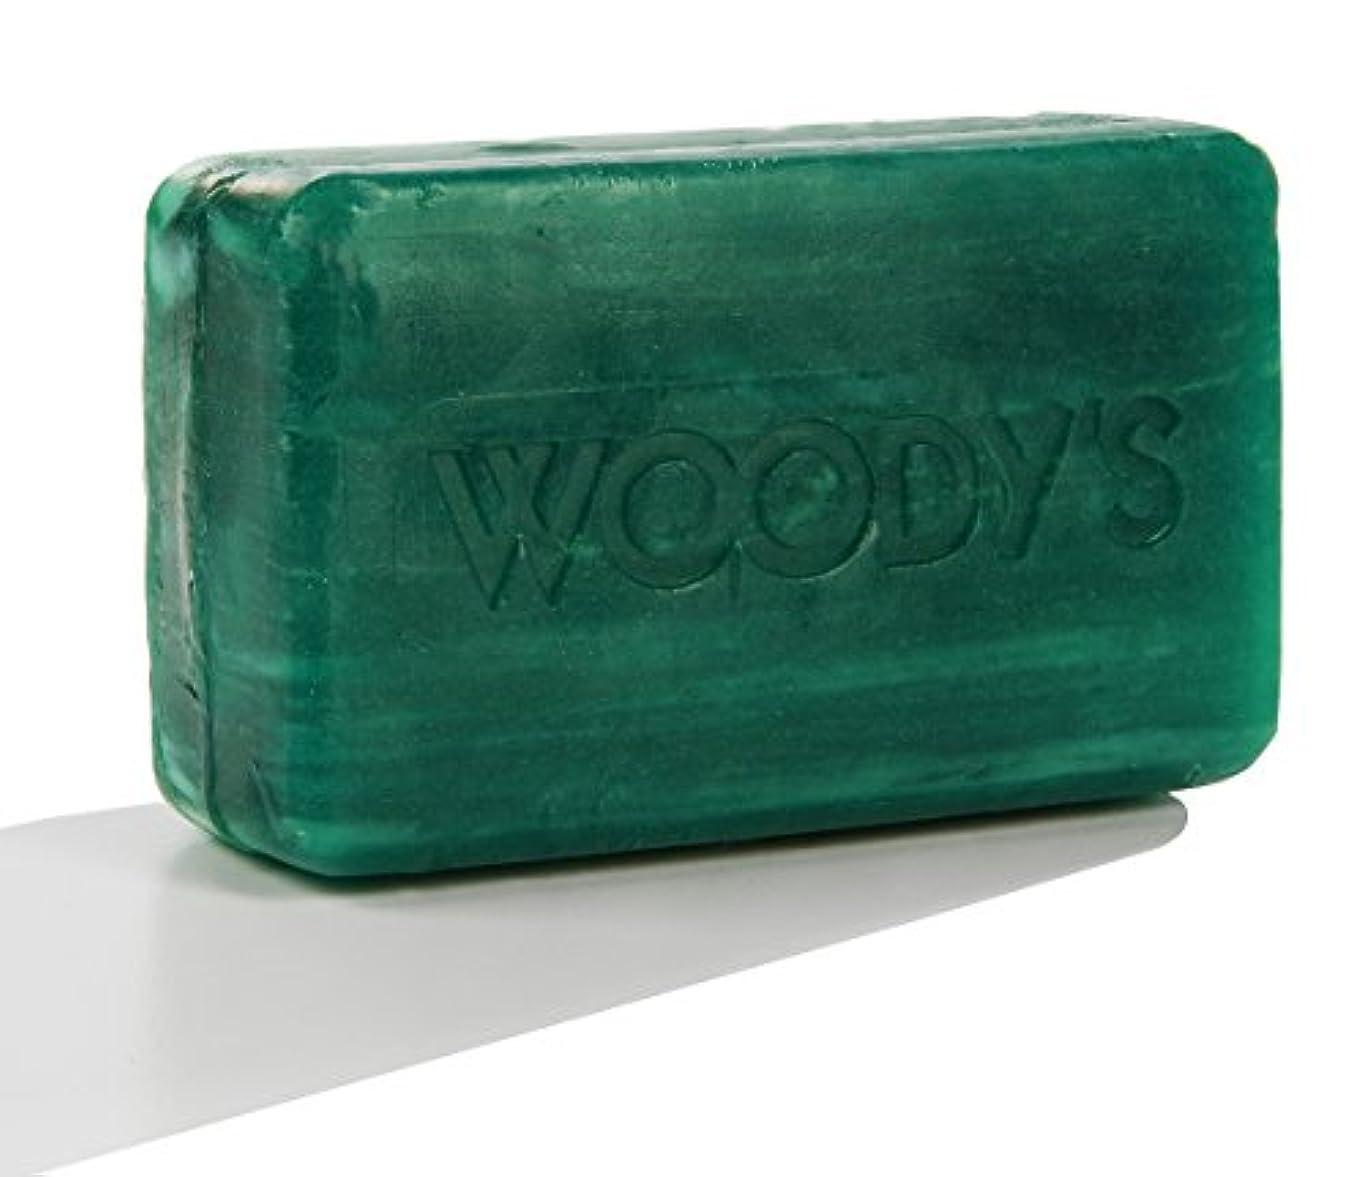 空の傾く使い込むWoody's Moisturizing Bar 8oz